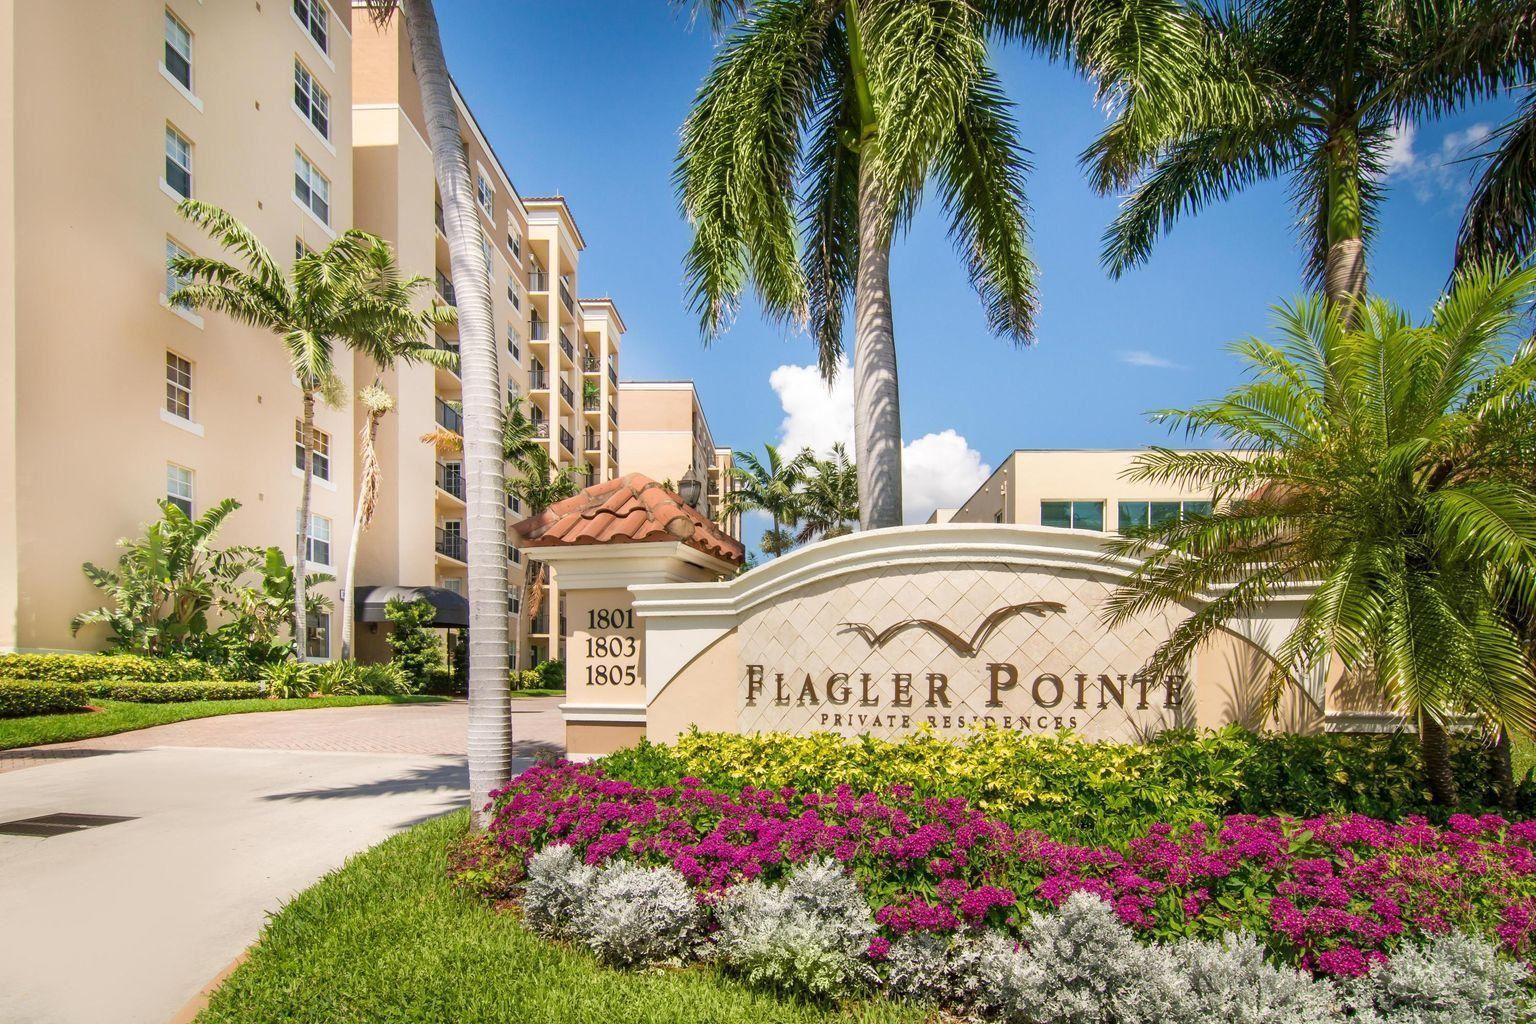 1801 N Flagler Drive #524, West Palm Beach, FL 33407 - MLS#: RX-10727867